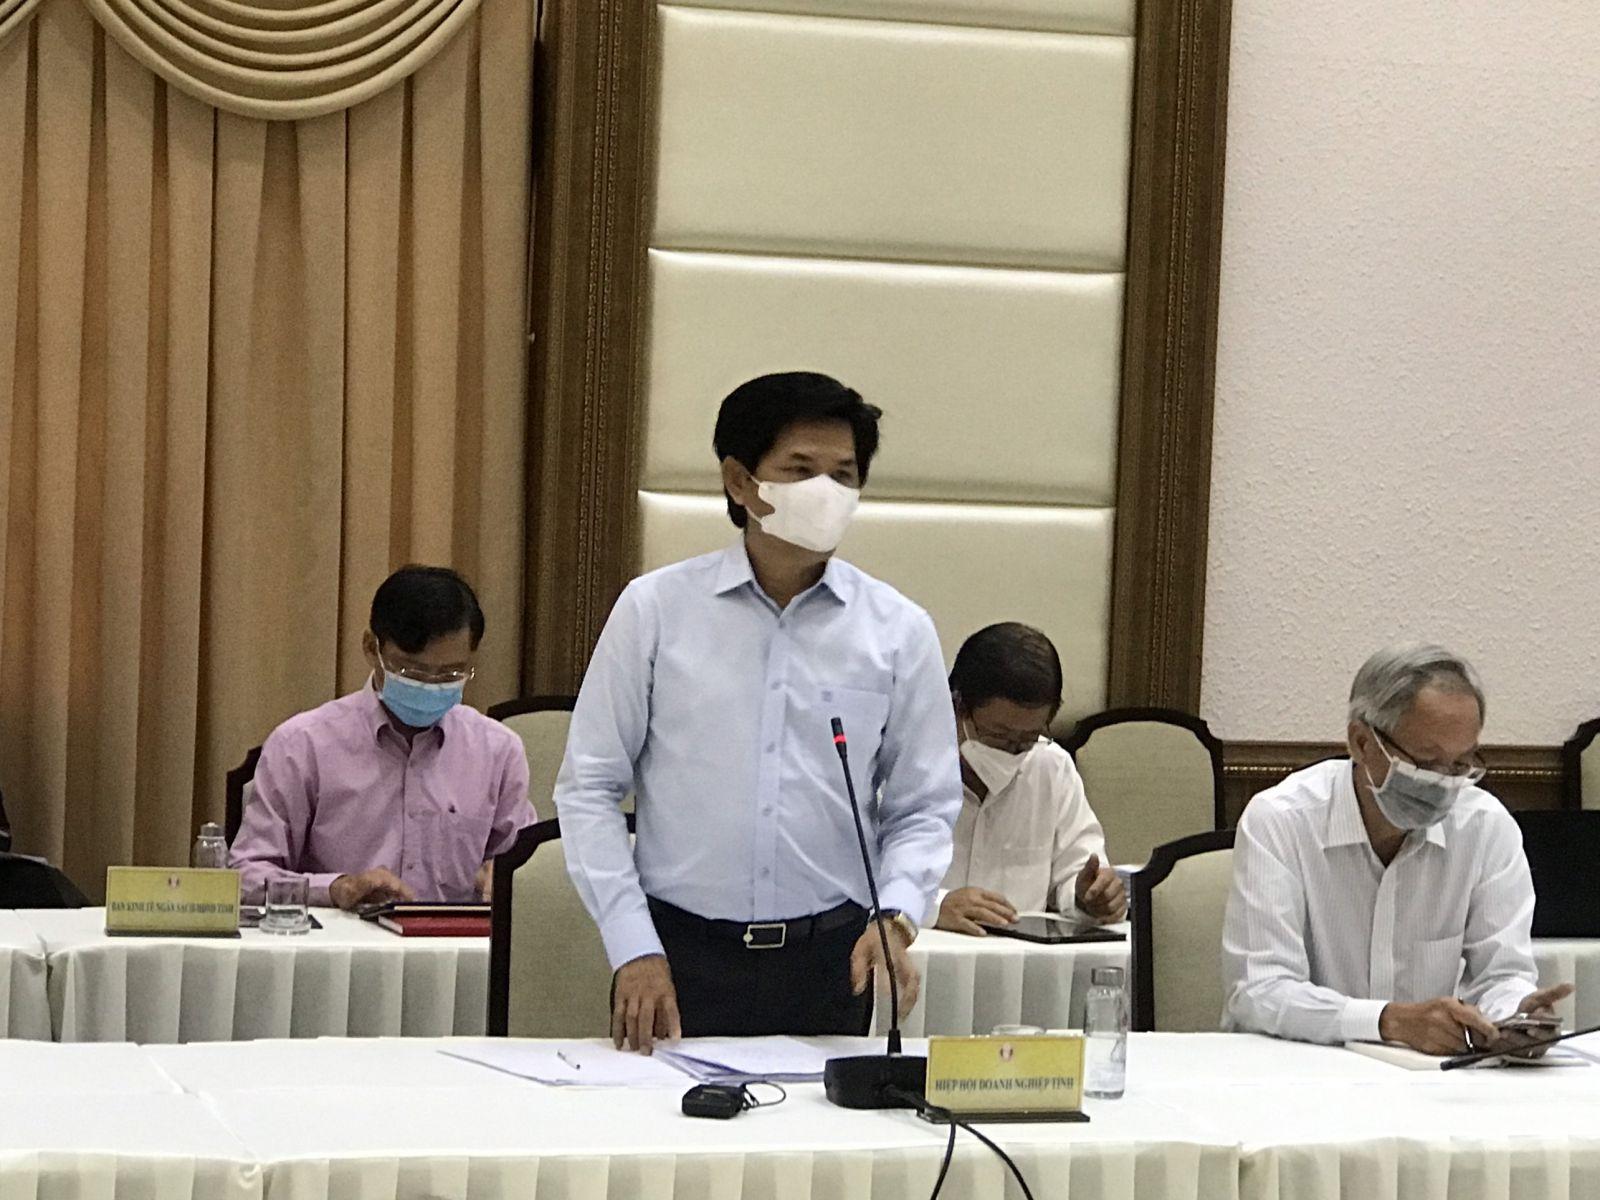 ông Hồ Chí Dũng - Chủ tịch Hiệp hội Doanh nghiệp tỉnh Đồng Tháp phát biểu ý kiến tại điểm cầu UBND tỉnh Đồng Tháp.